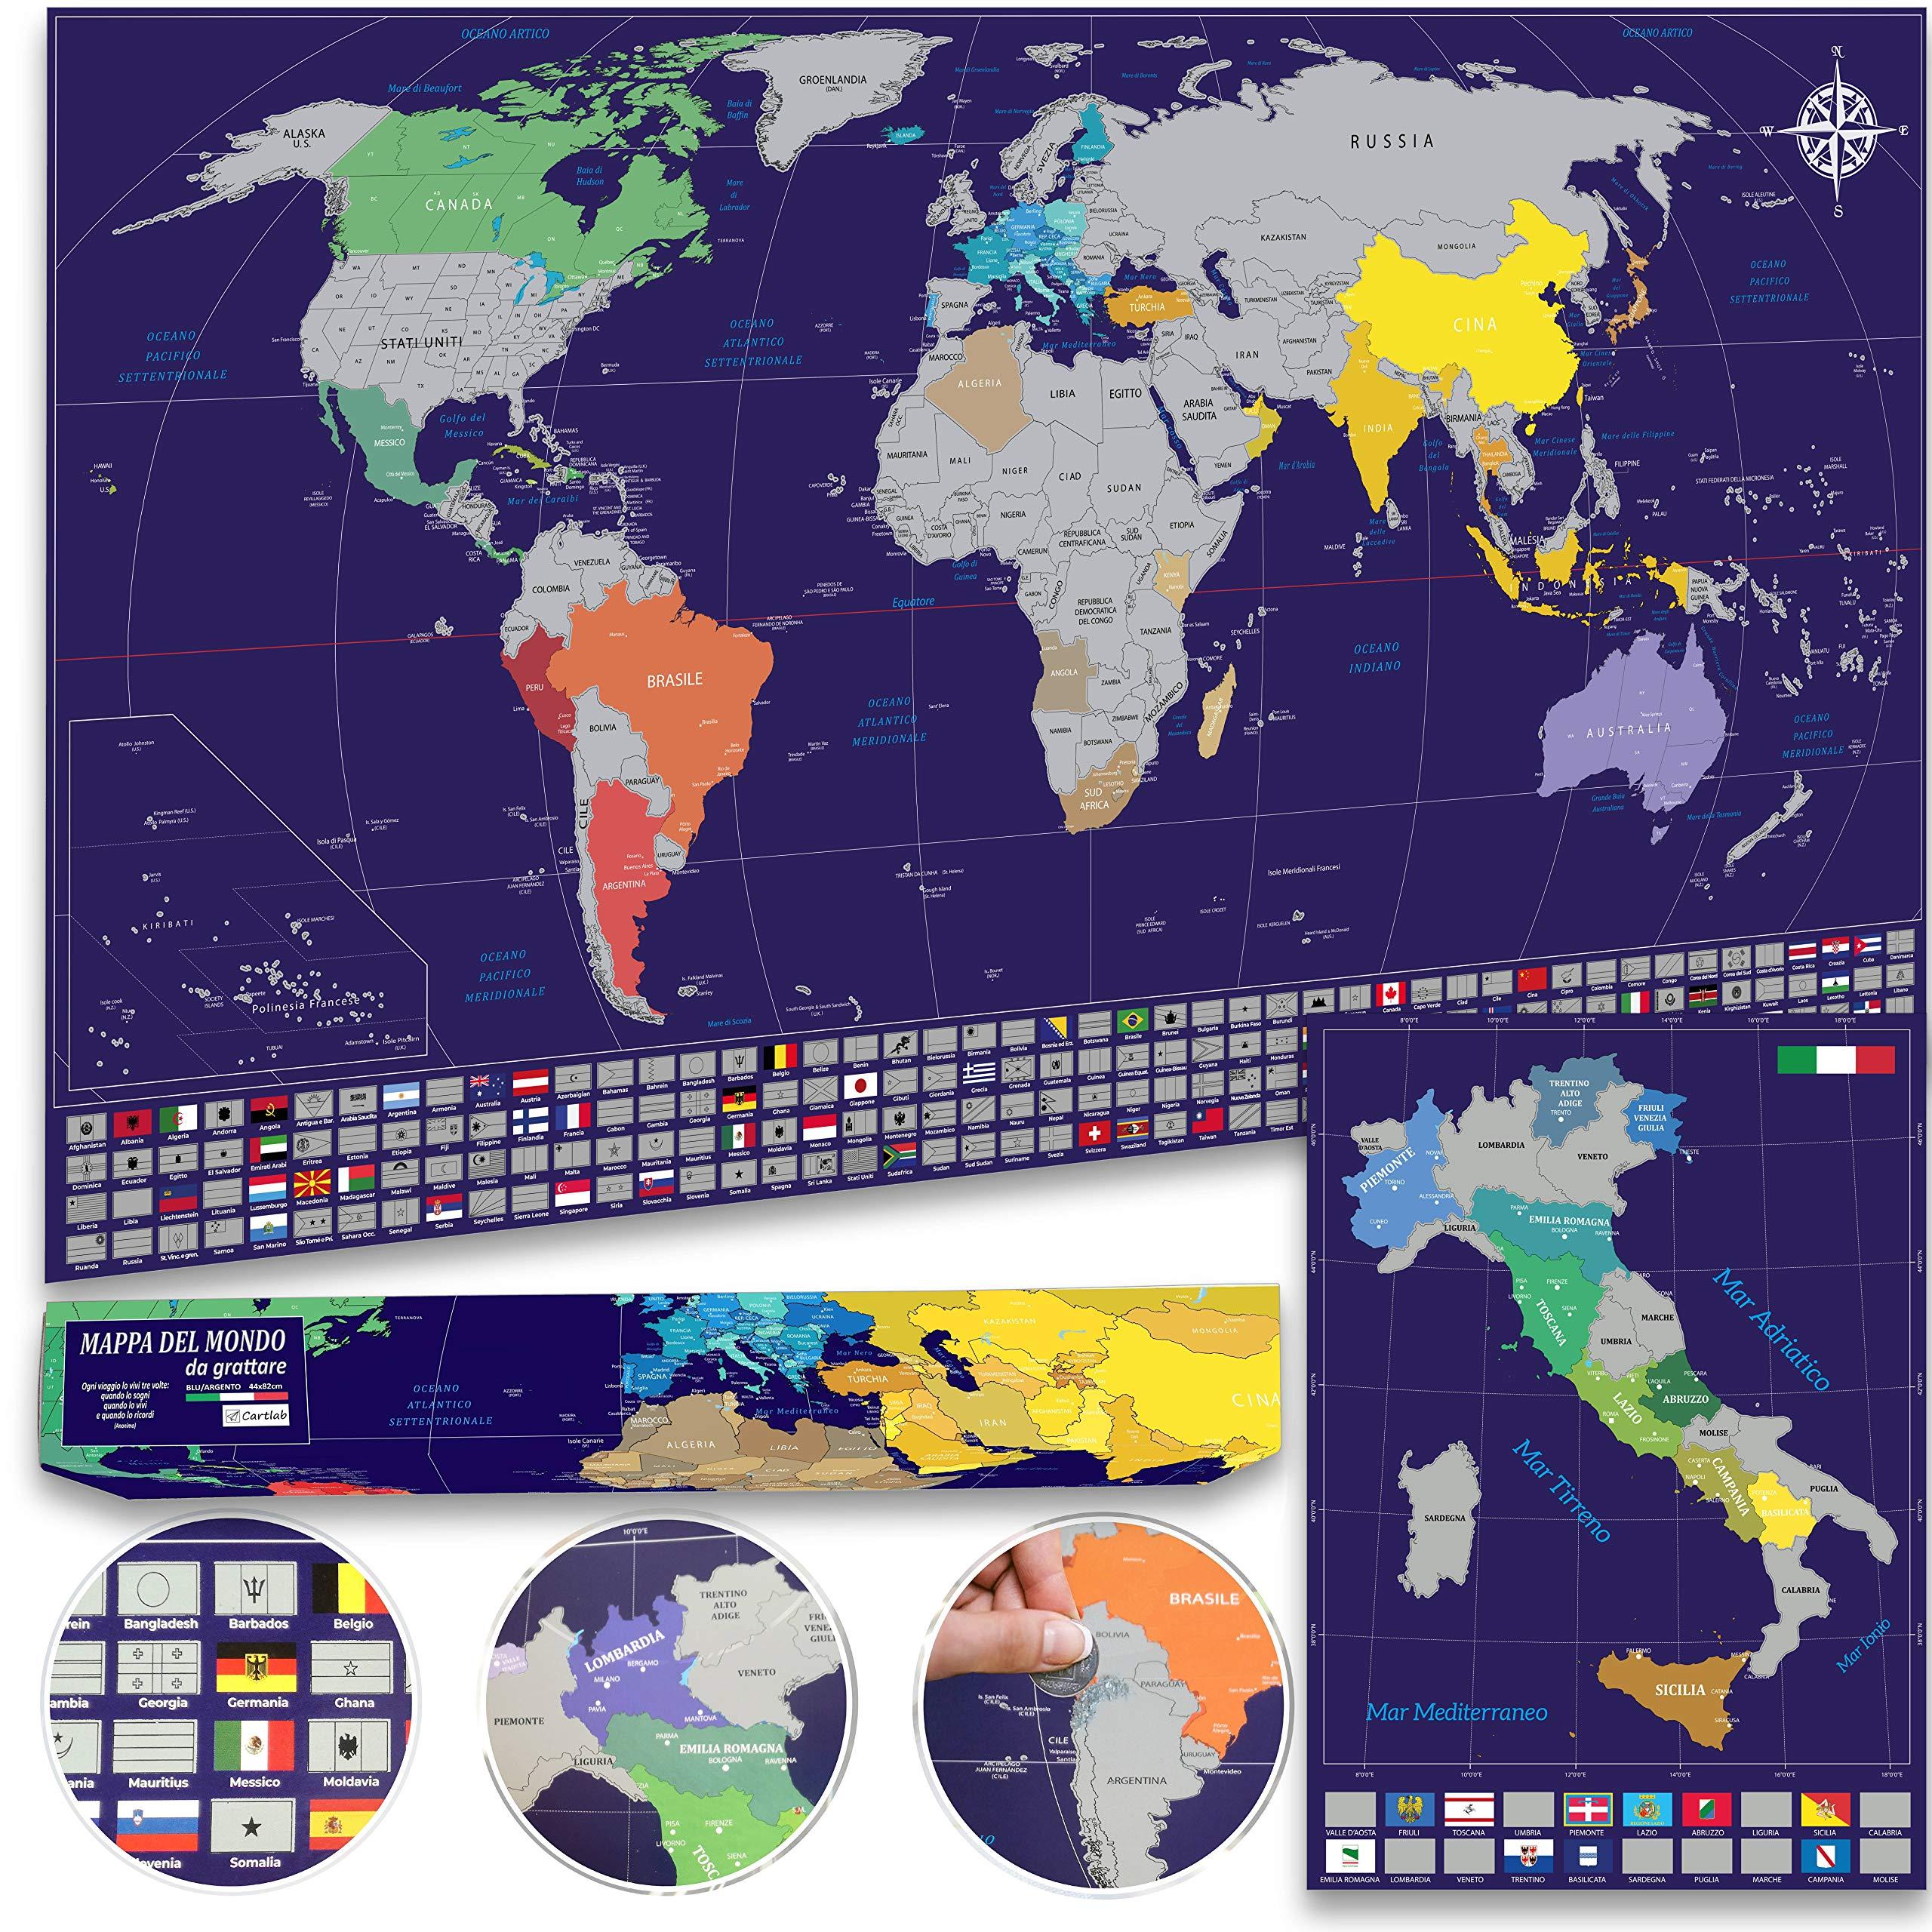 Cartina Mondo Gratta.Cartlab Poster Mappa Del Mondo Mappa Italia Da Grattare Con Bandiere Le Piu Aggiornate E Dettagliate Scatola Regalo Inclusa Idea Regalo Blu Argento Faceshopping